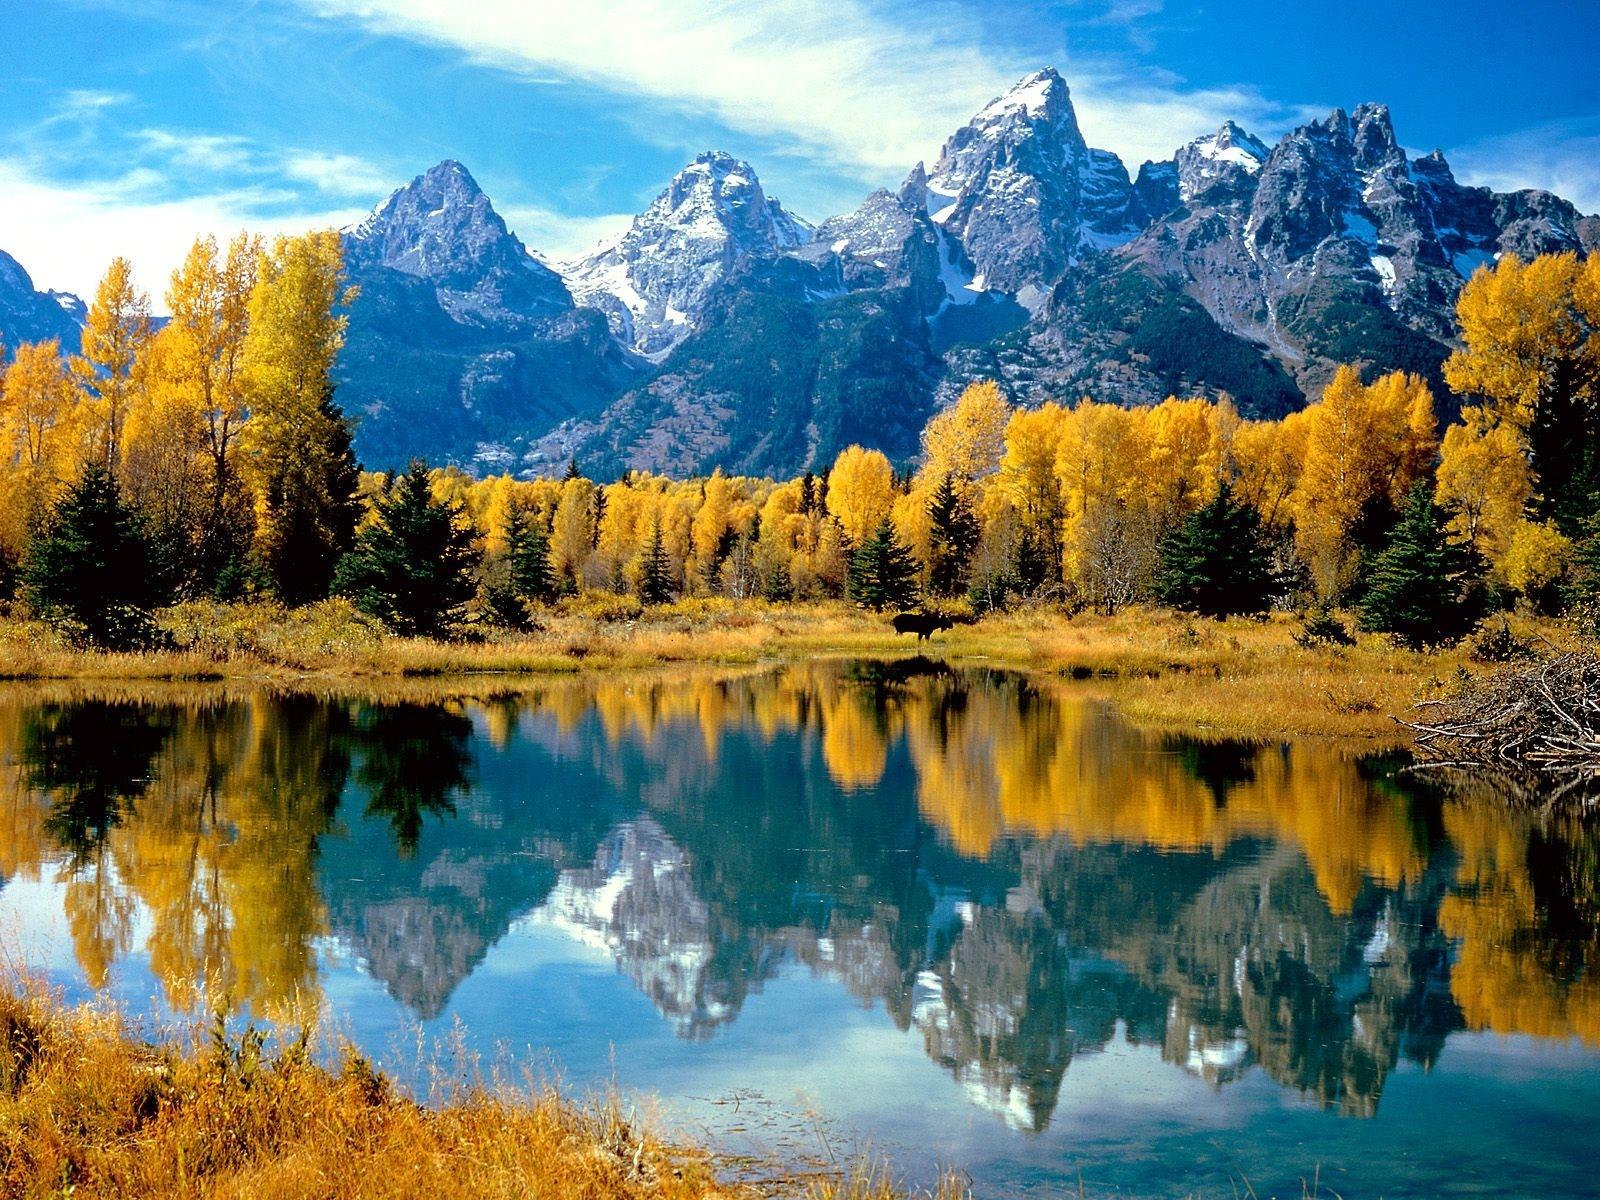 Autumn wallpaper Mountain Lake Fall Wallpapers 3d for desktop 3d 1600x1200